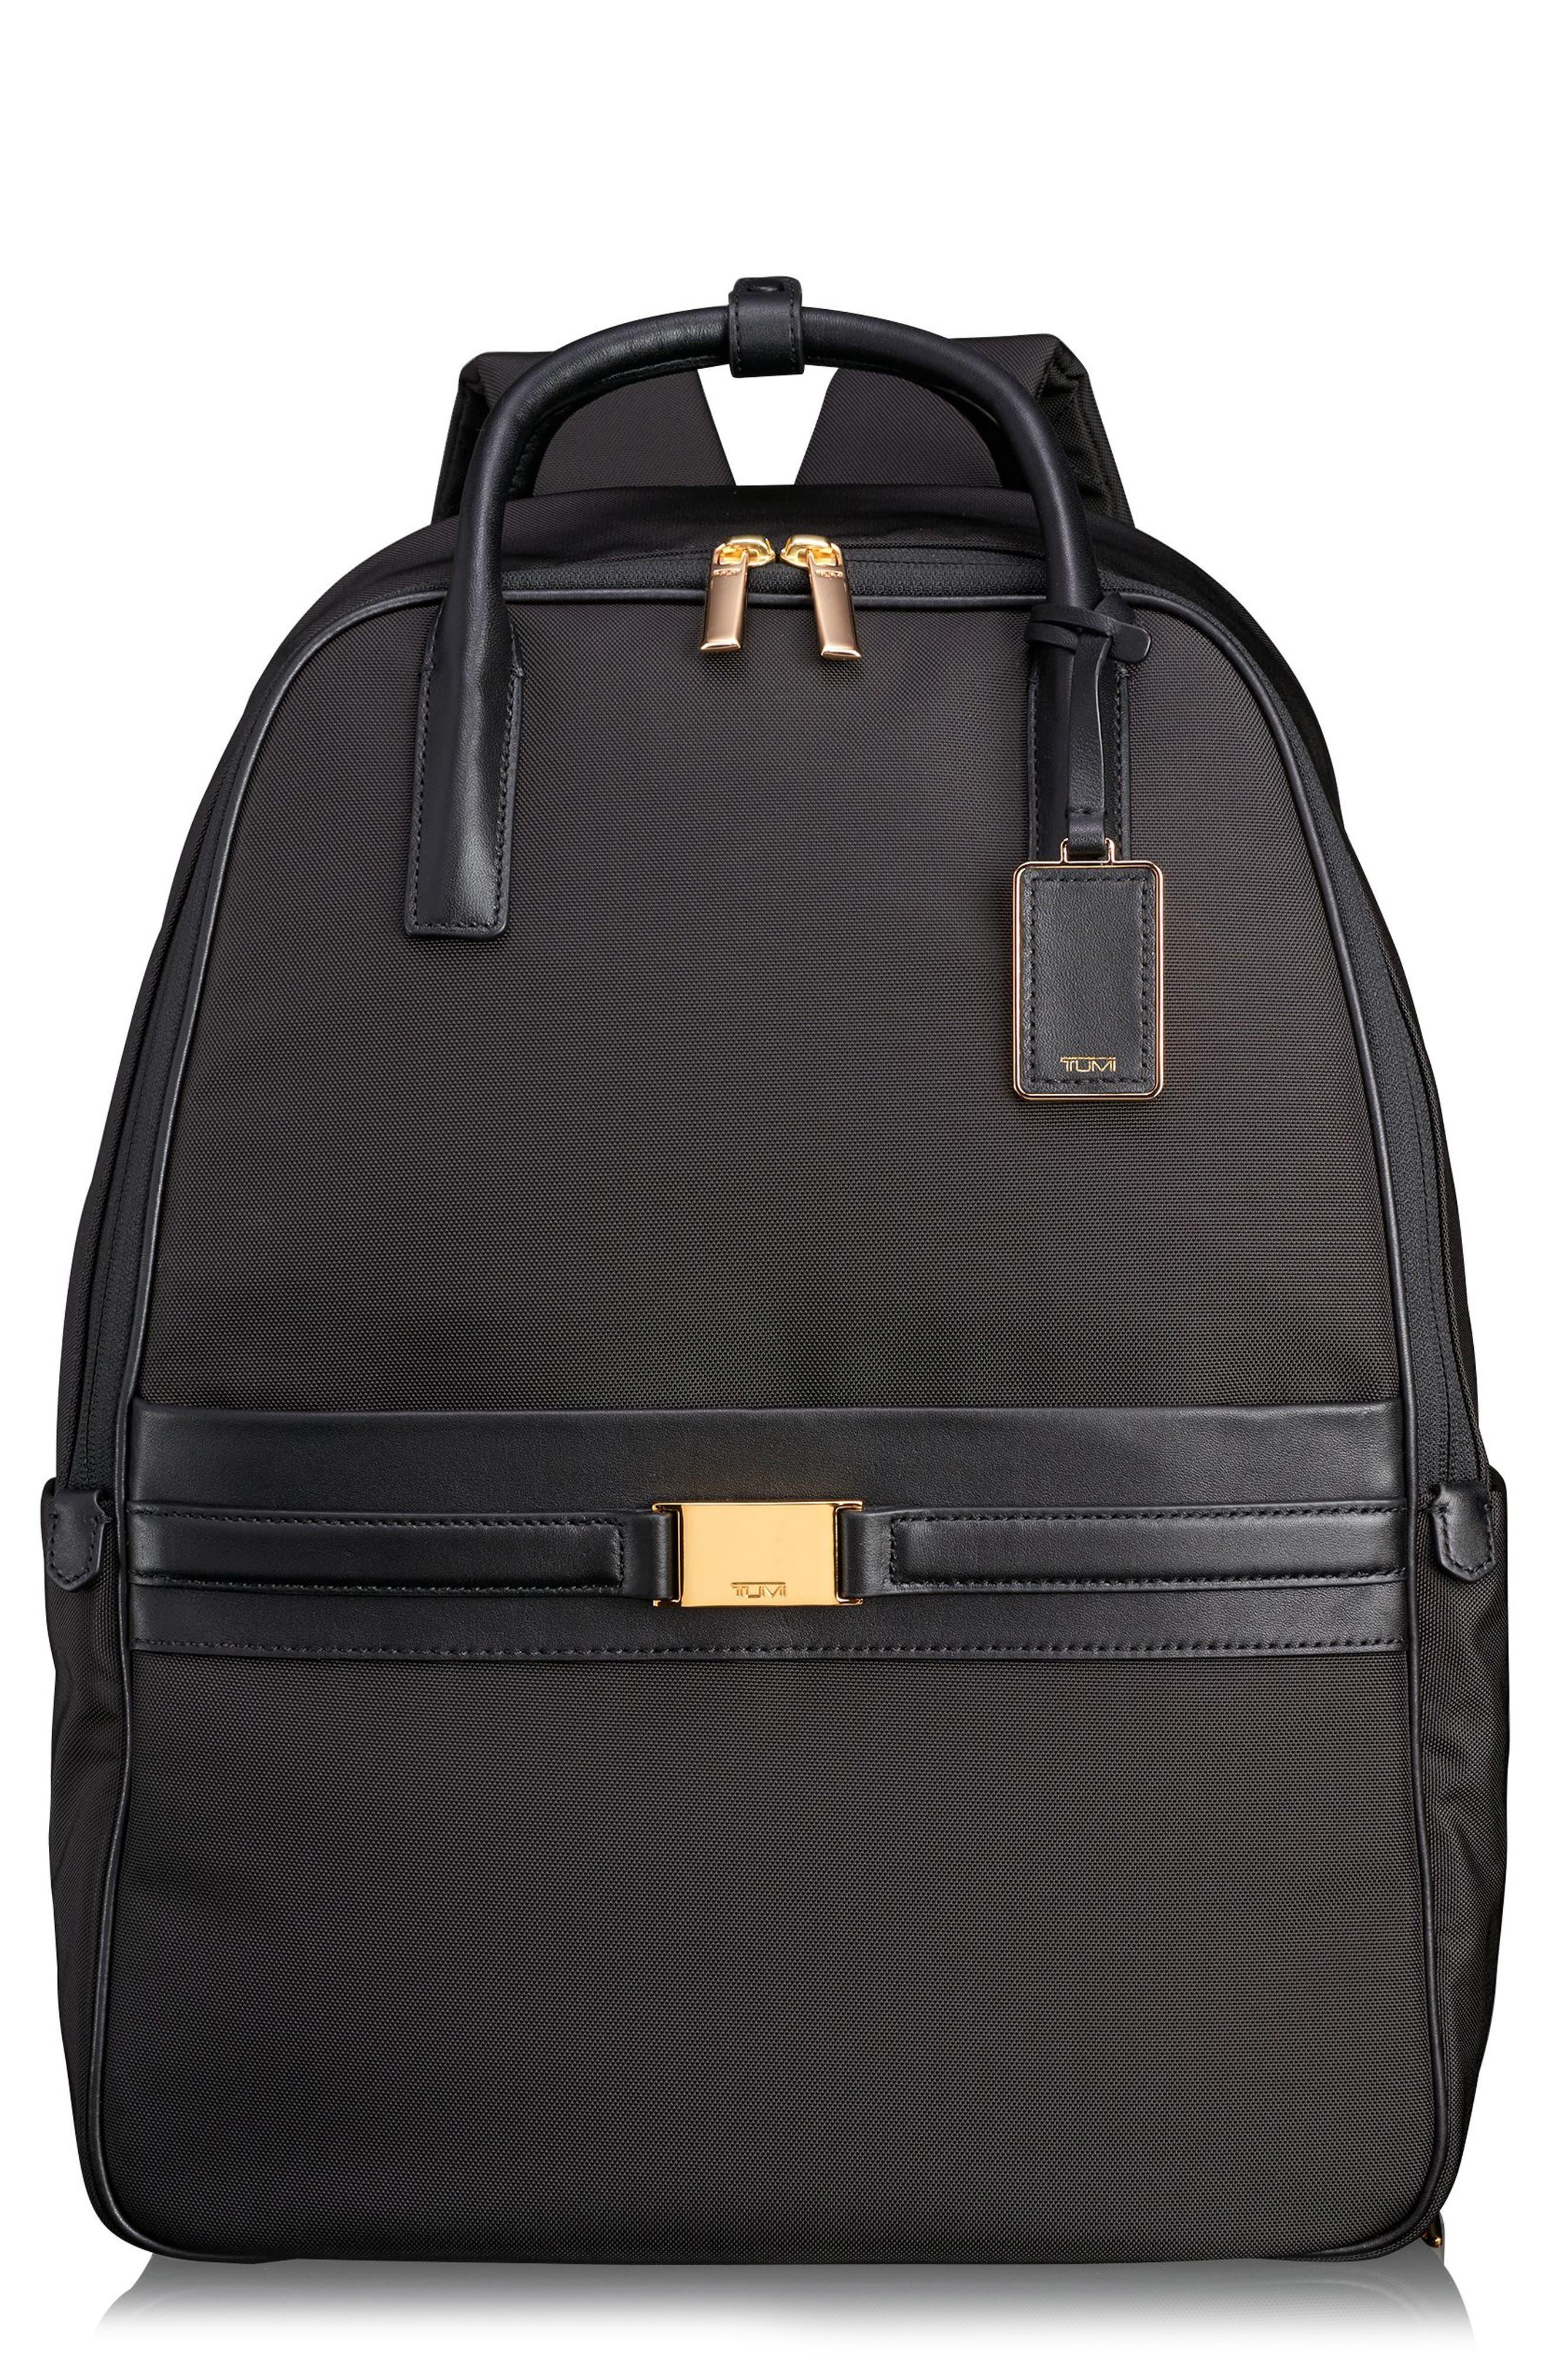 Larkin - Paterson Convertible Nylon Backpack,                             Main thumbnail 1, color,                             Black